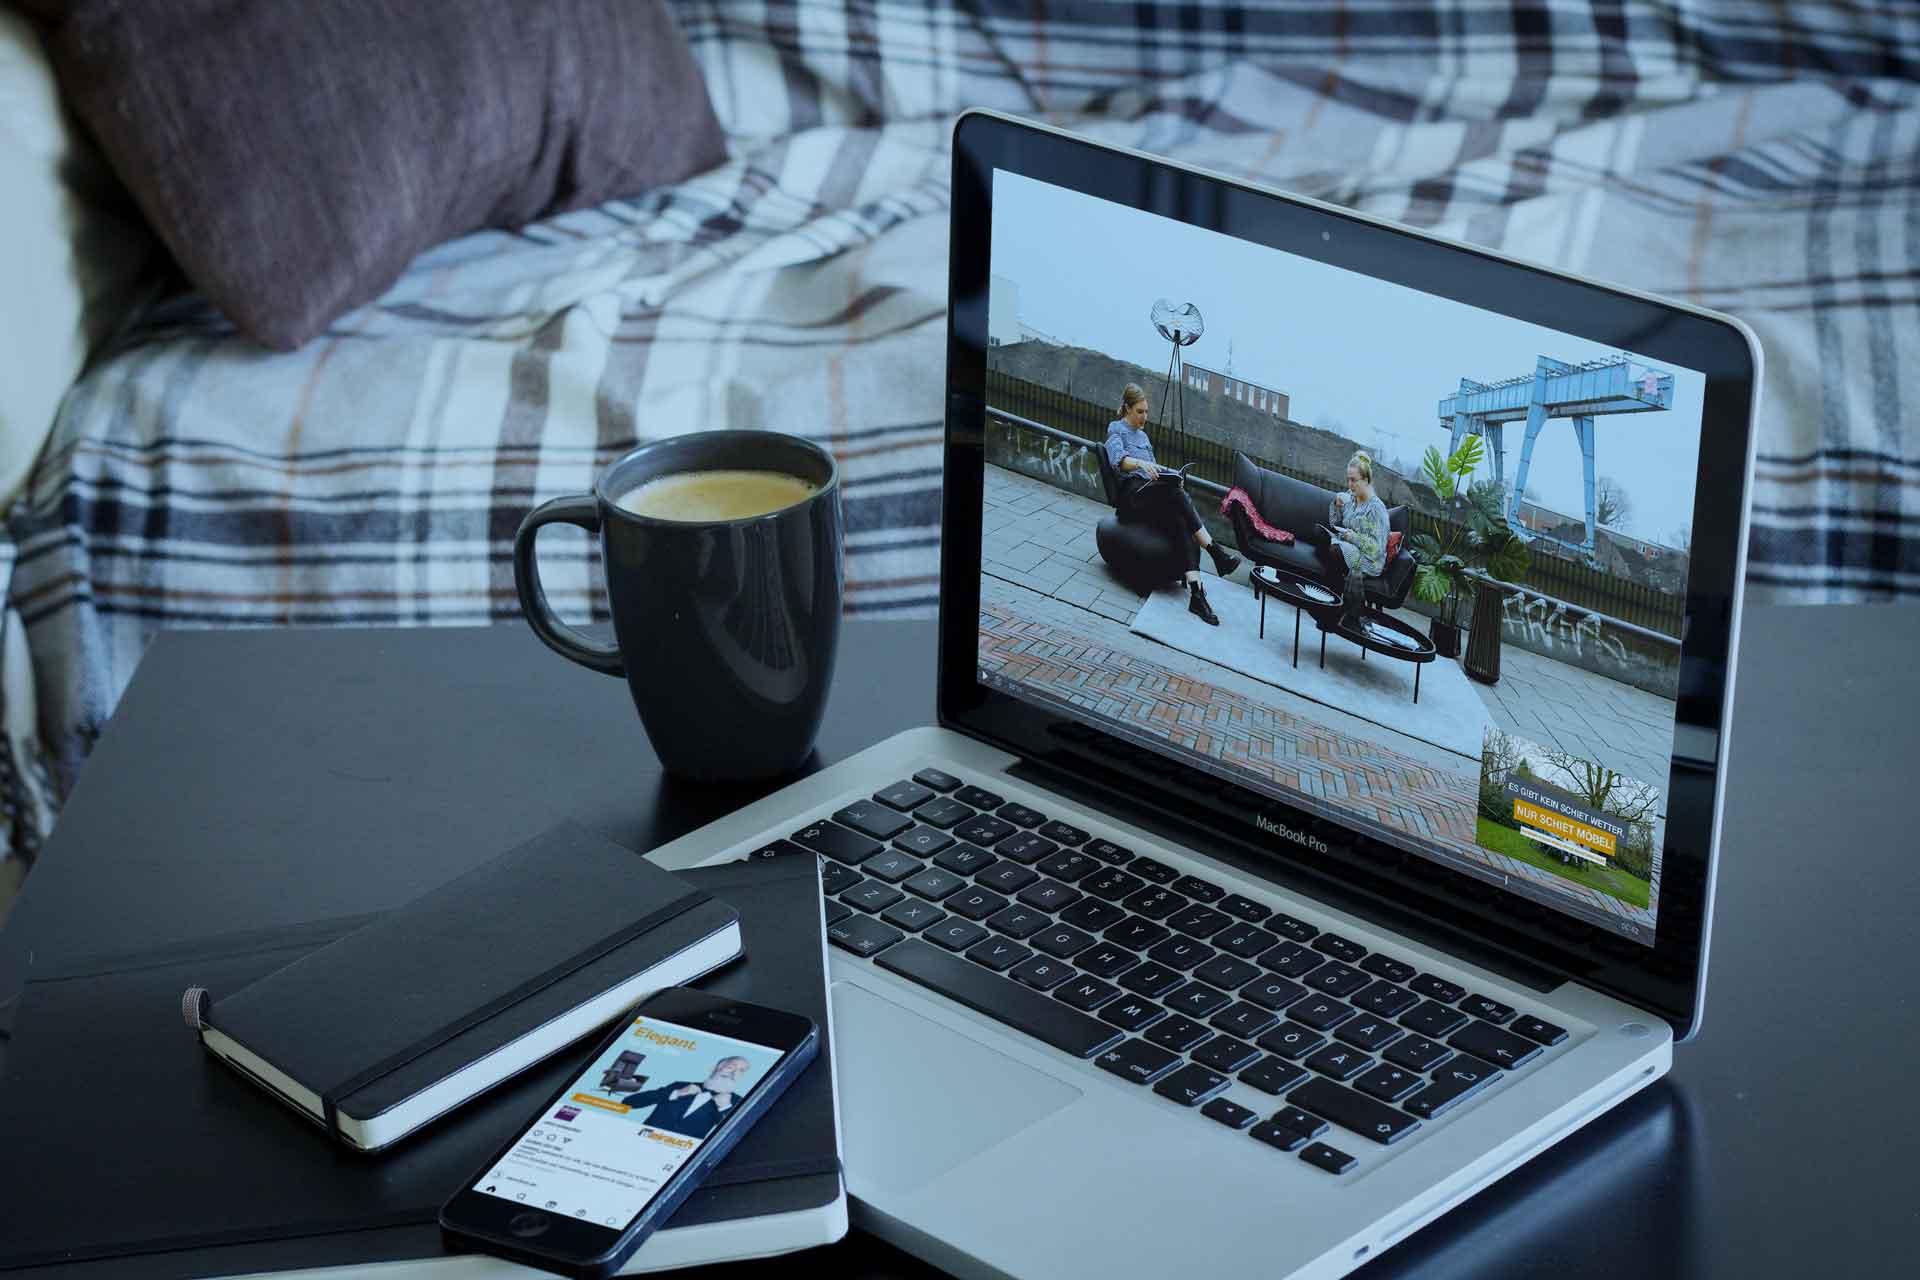 Video wird auf einem Laptop dargestellt / Szene: Büro